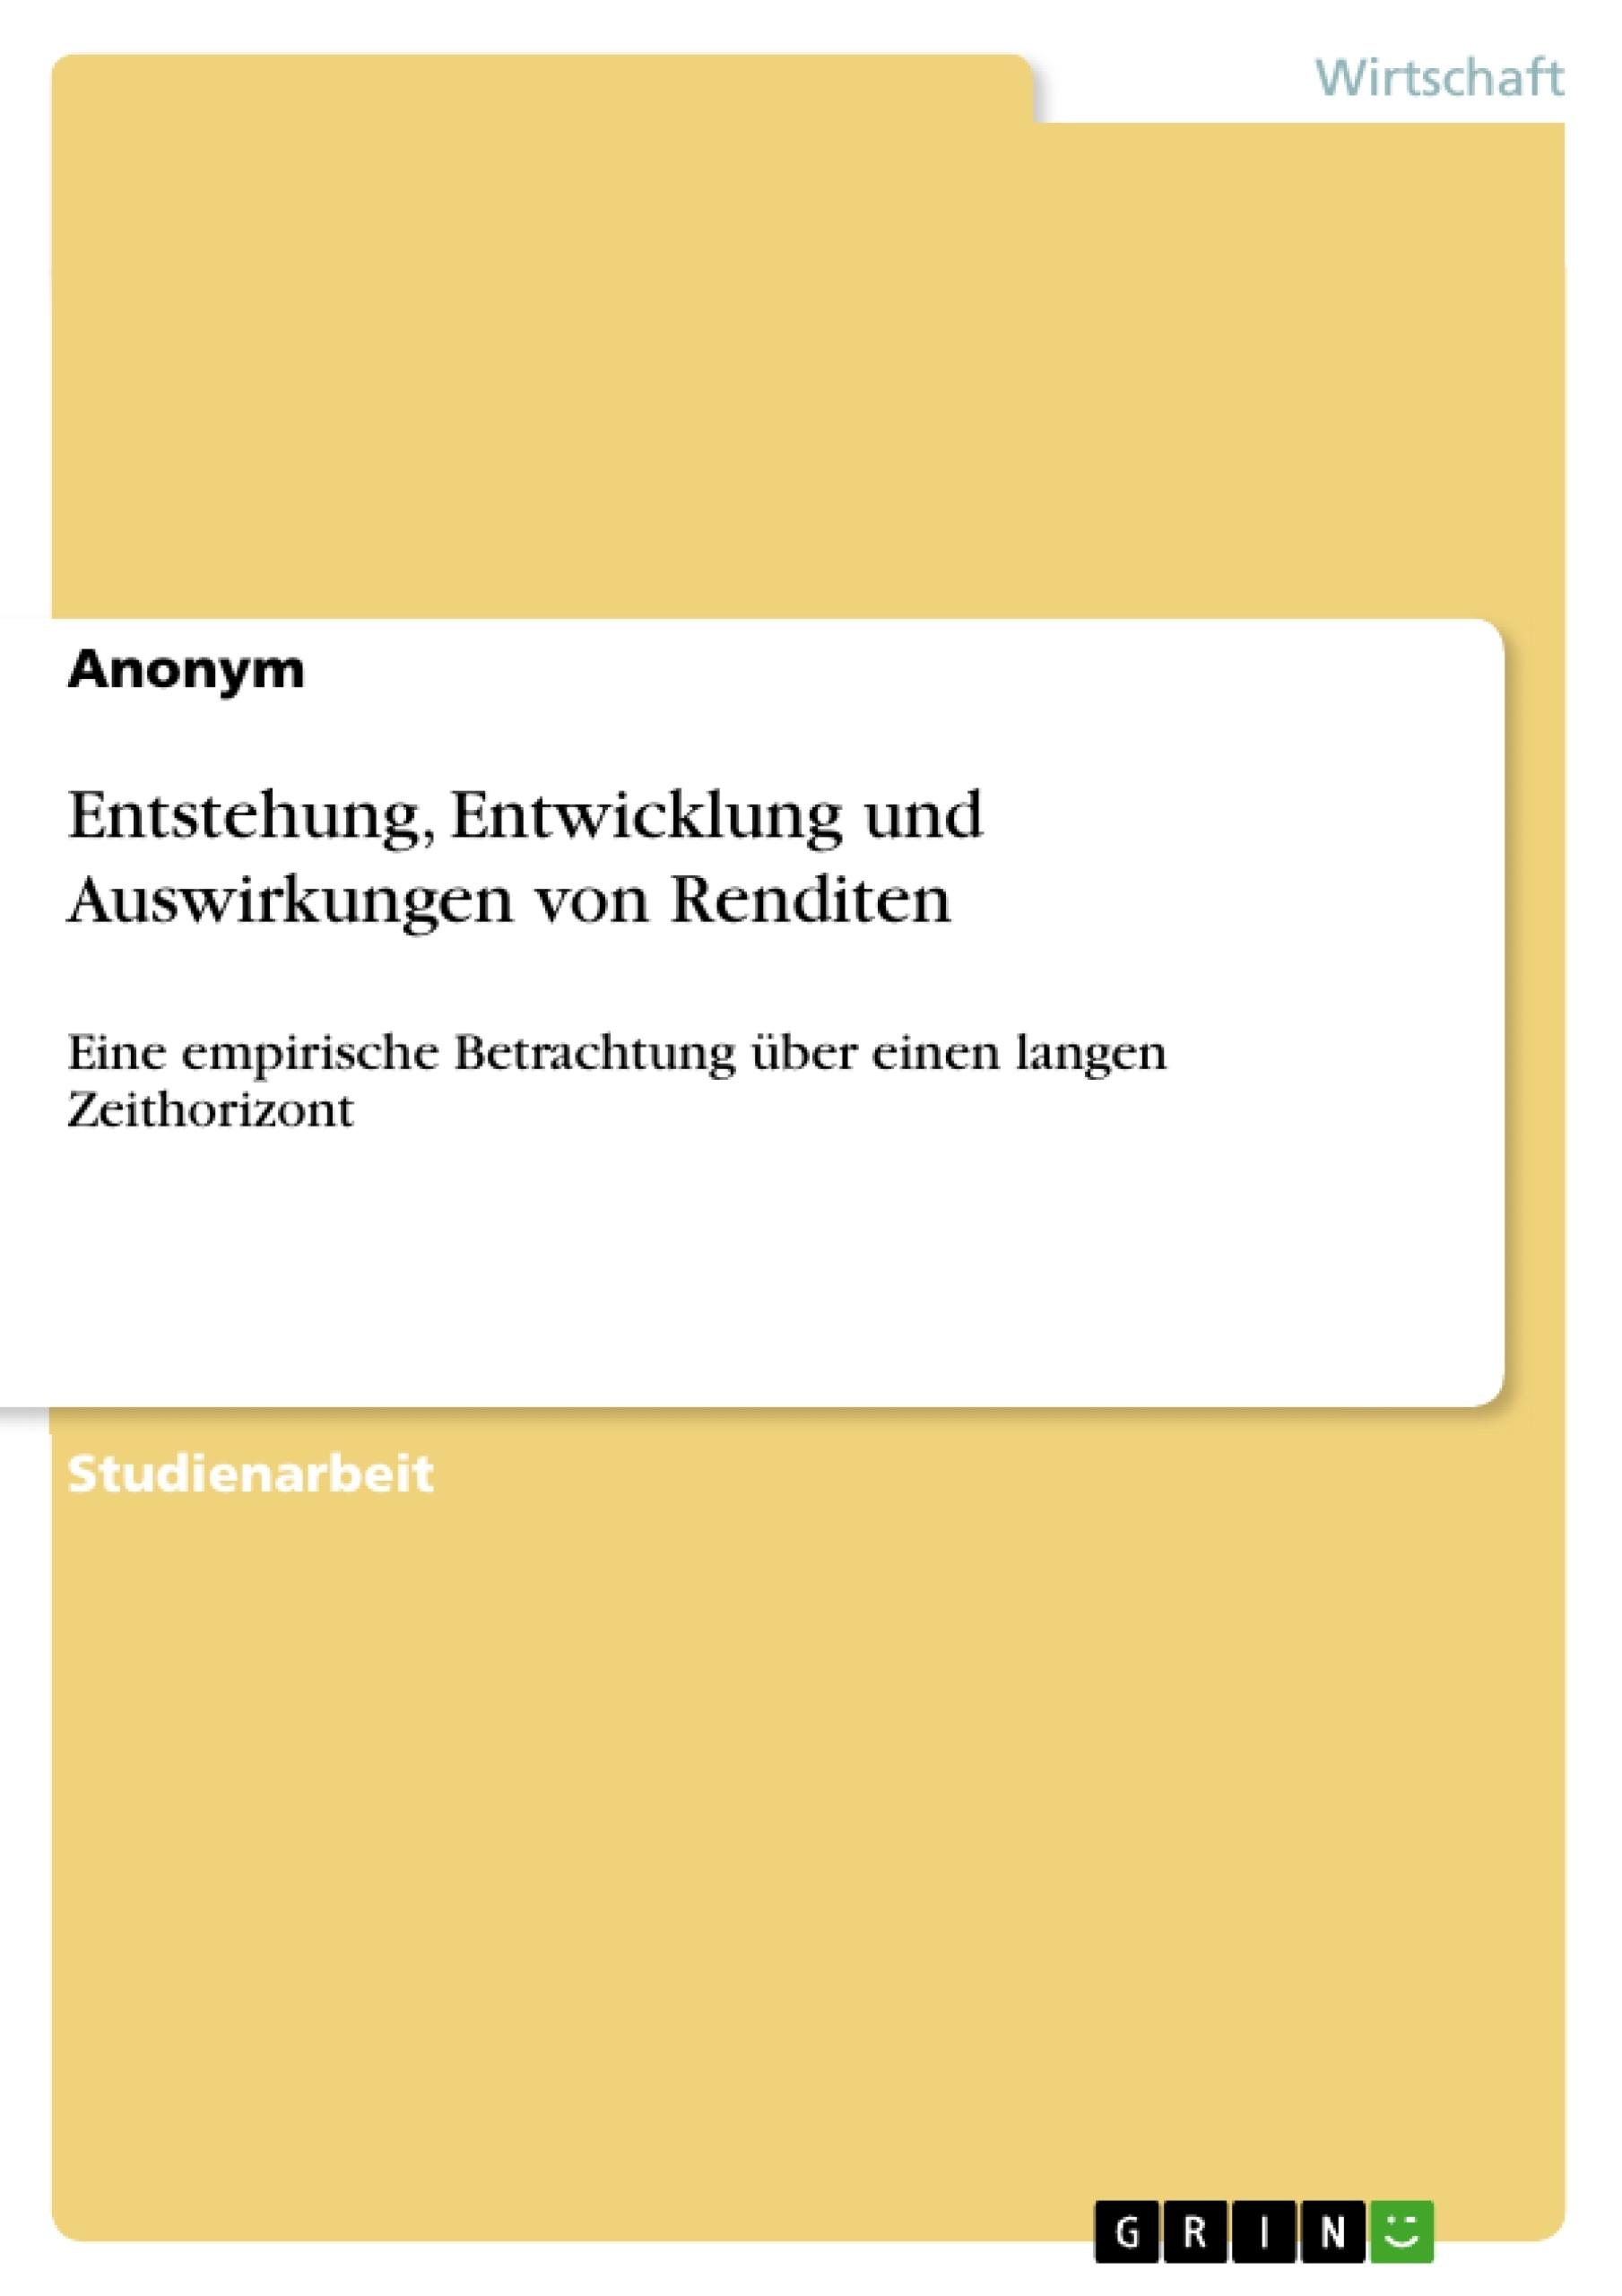 Titel: Entstehung, Entwicklung und Auswirkungen von Renditen